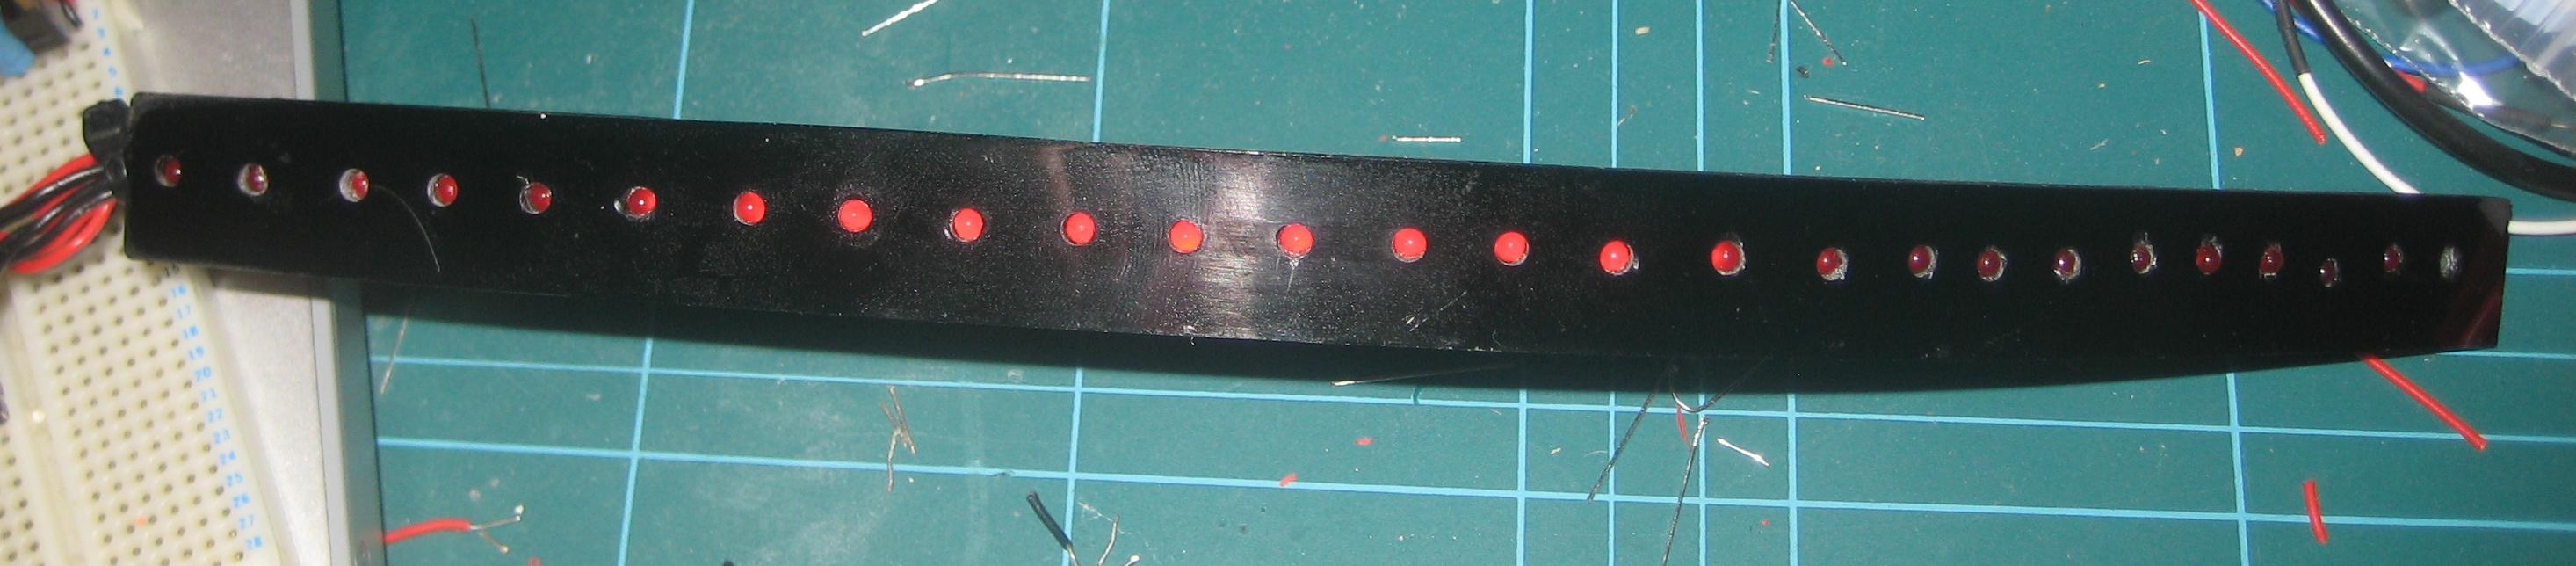 LED strip front